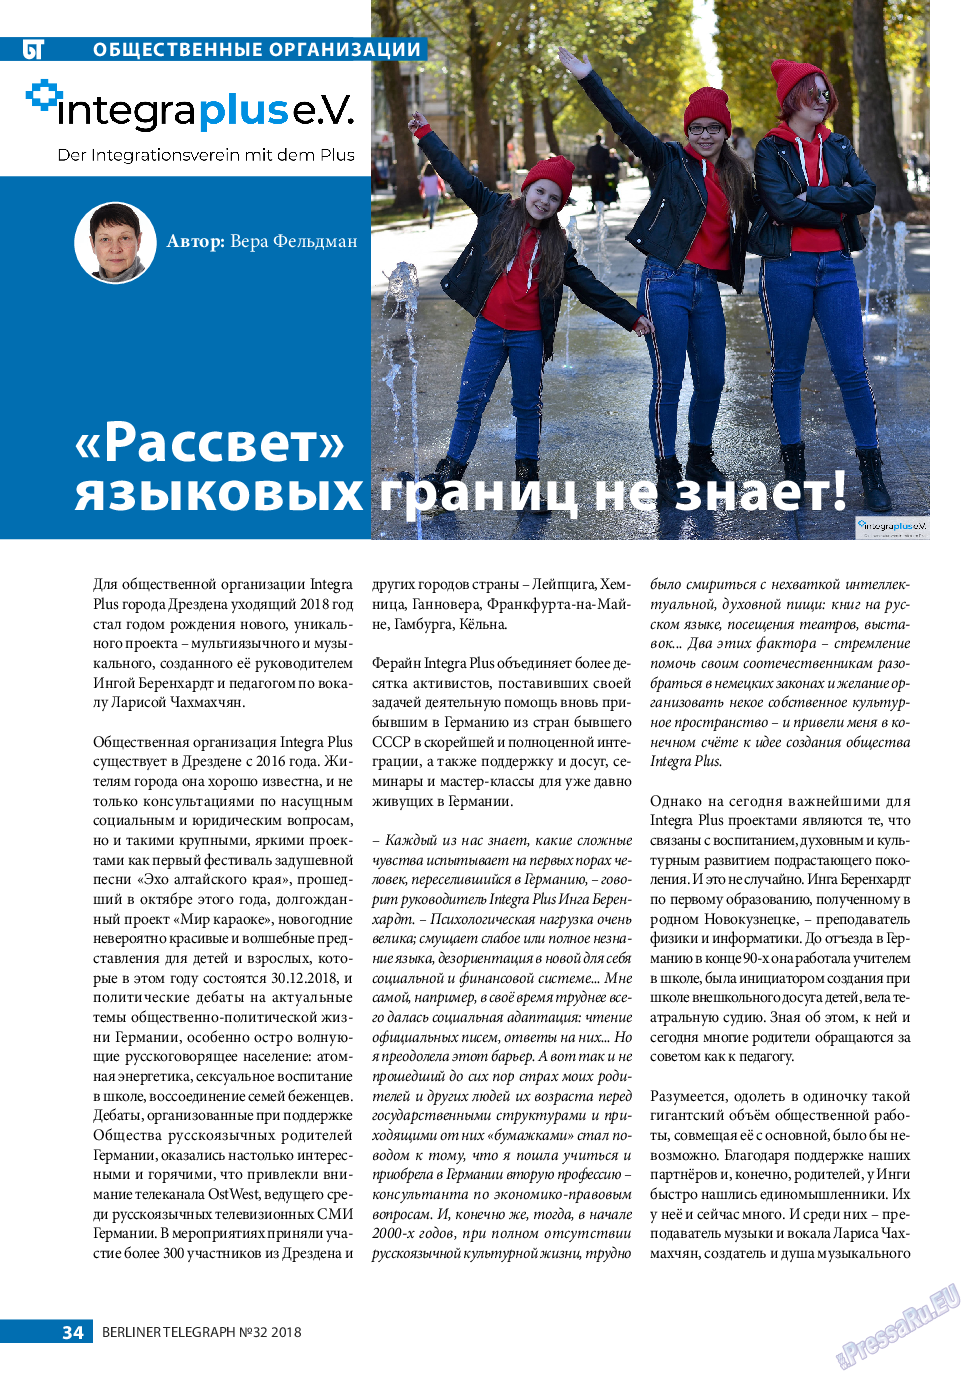 Берлинский телеграф (журнал). 2018 год, номер 32, стр. 34